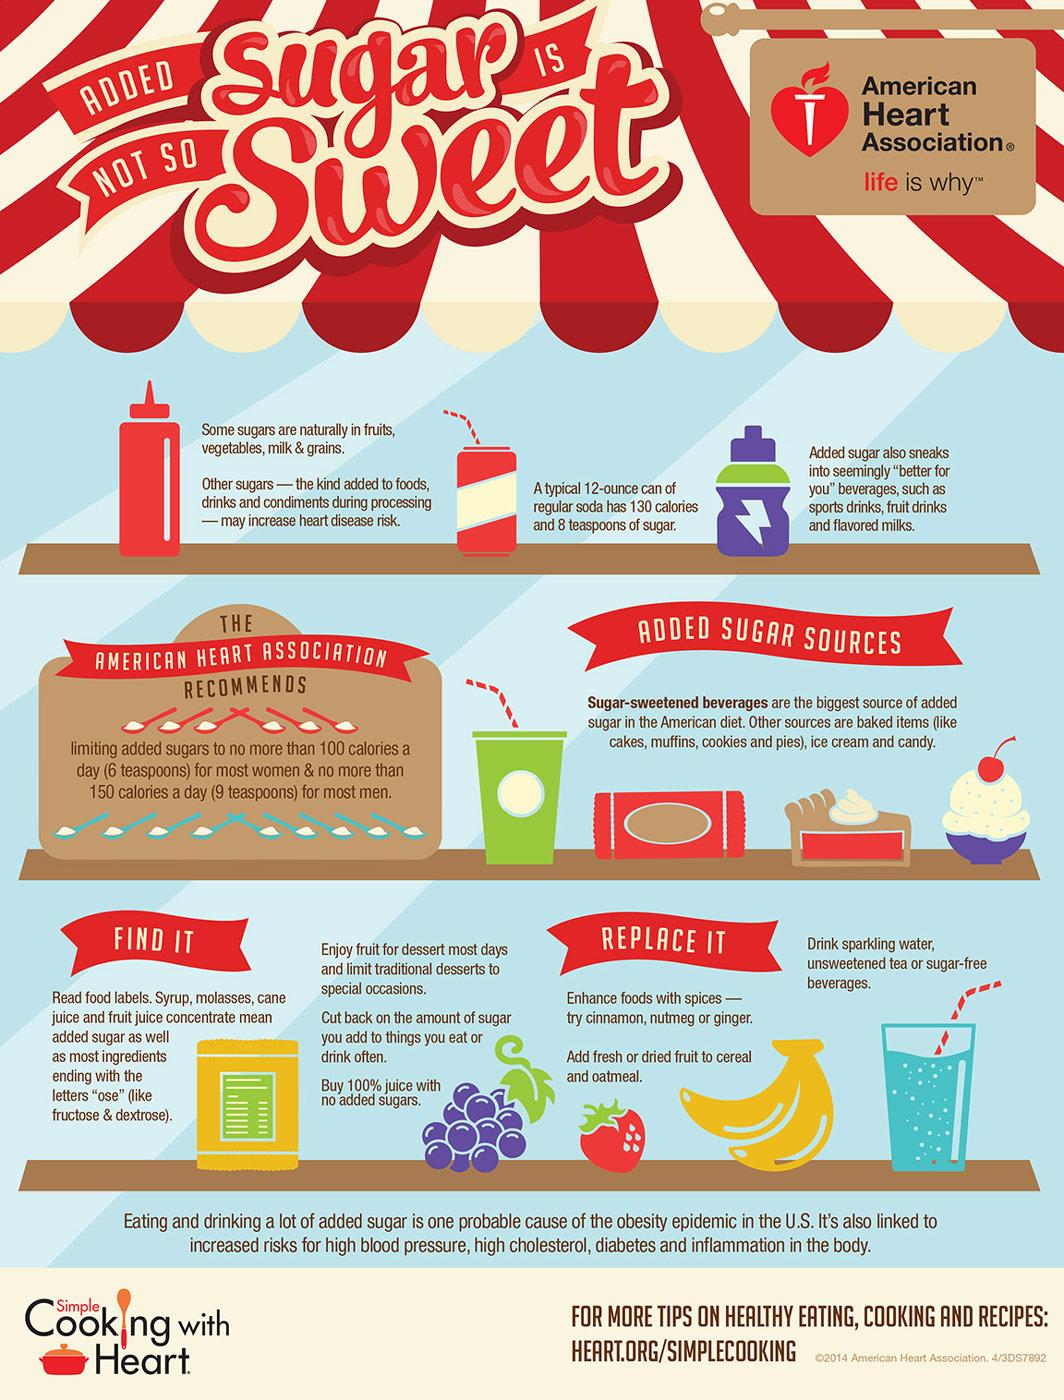 zuccheri aggiunti riduzione added sugar